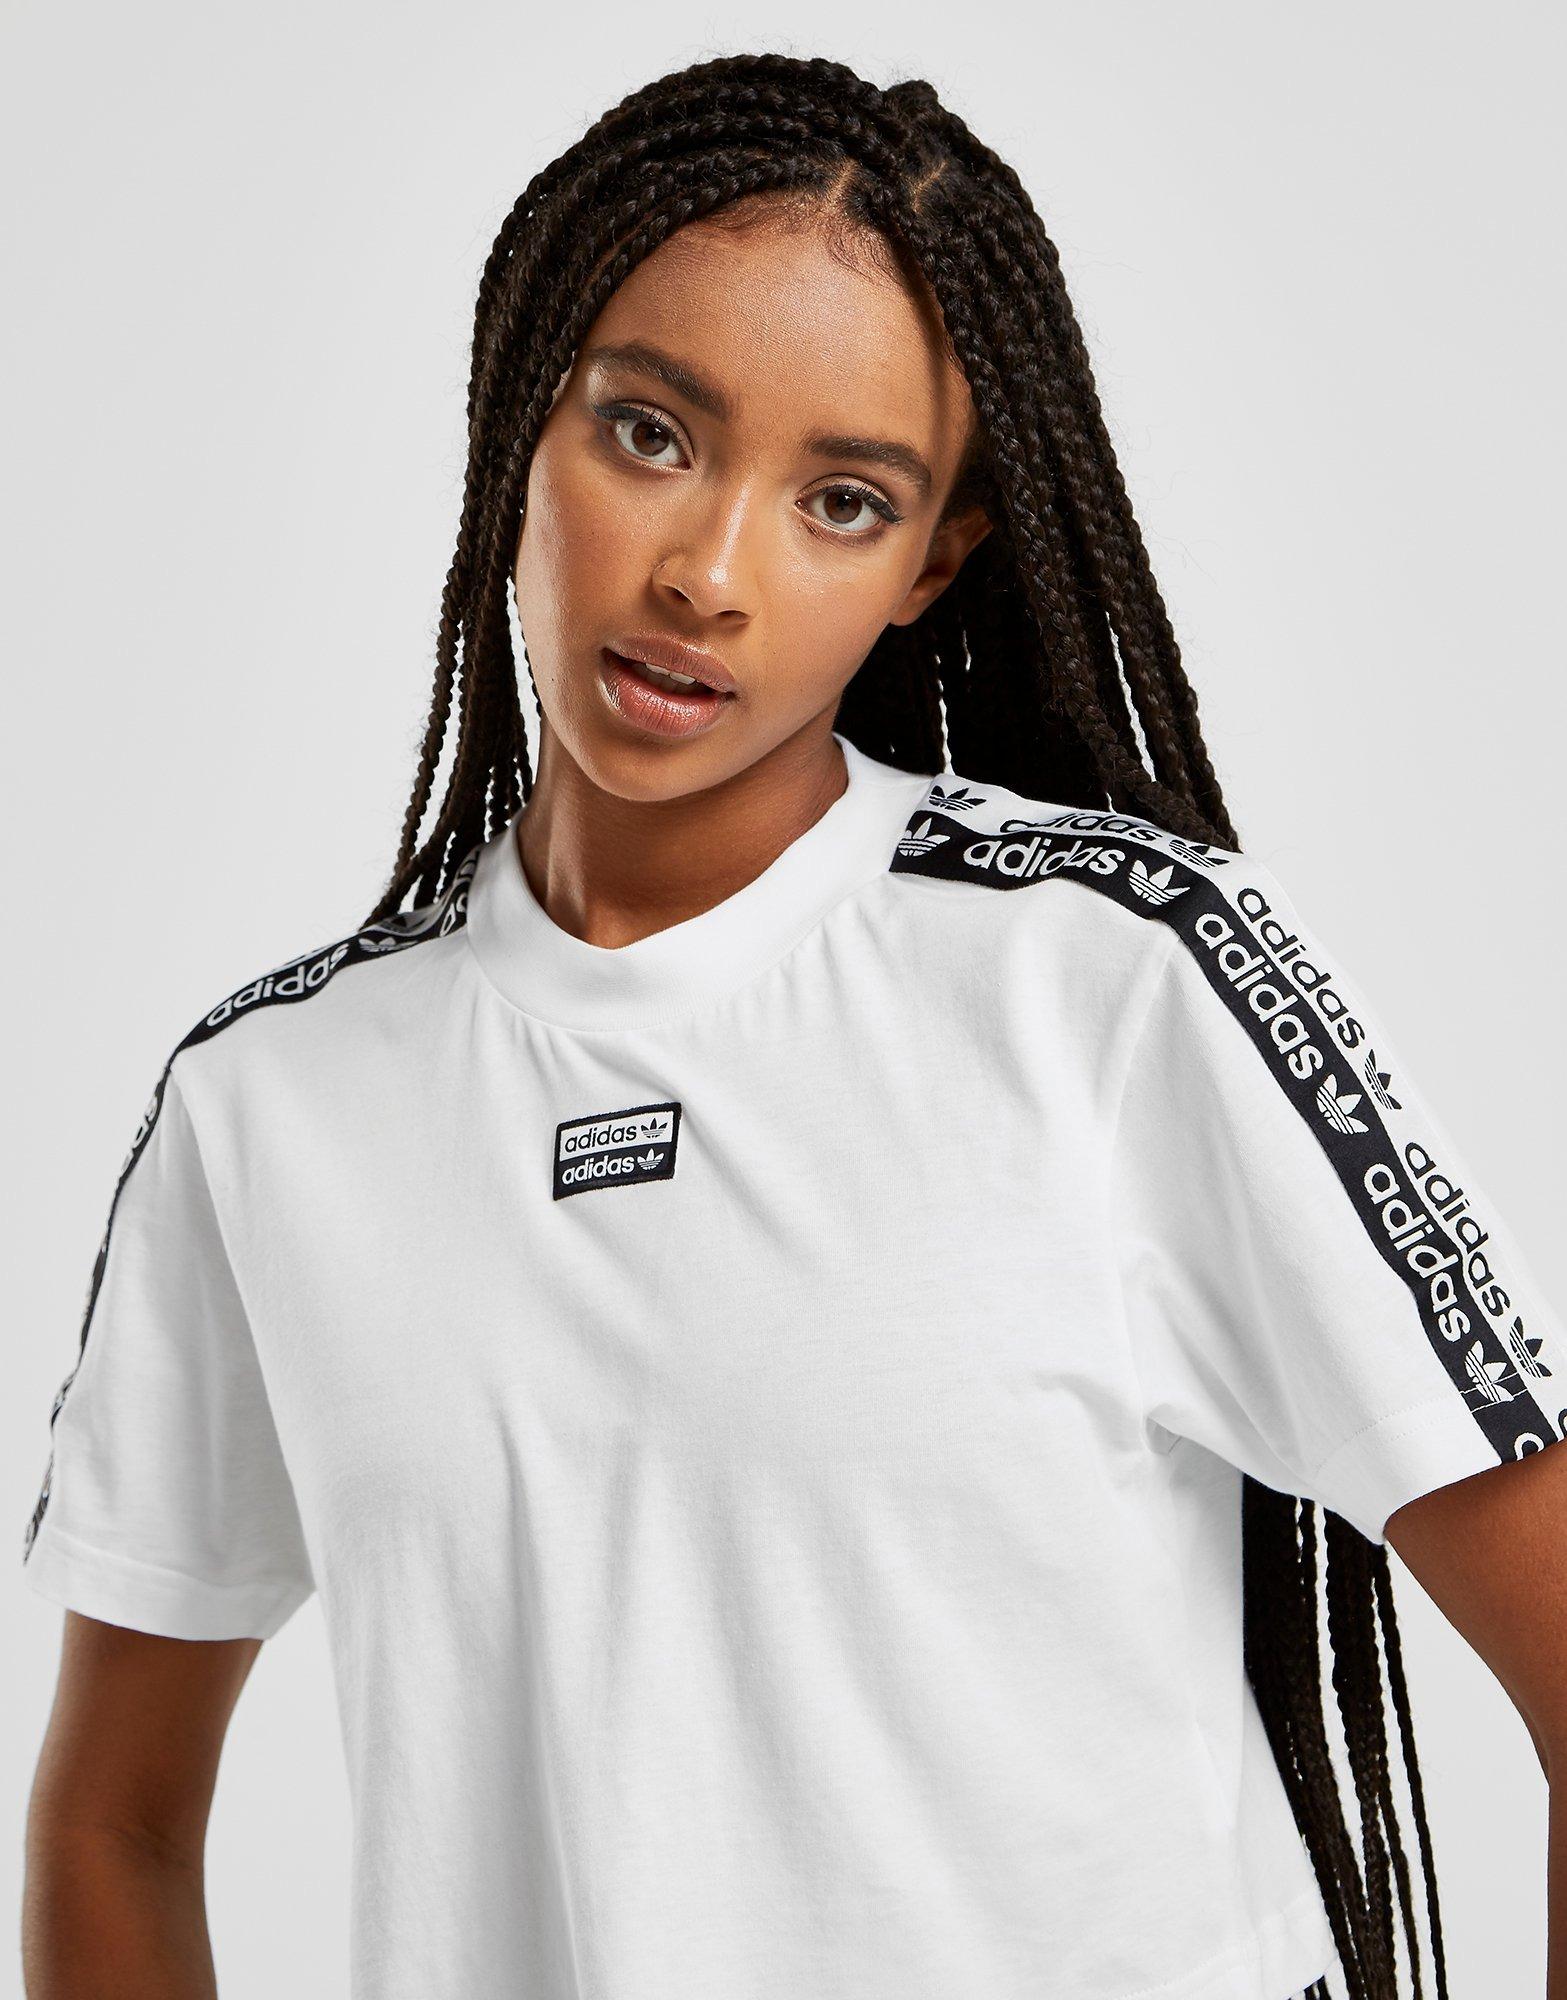 adidas t shirt damen jd sports